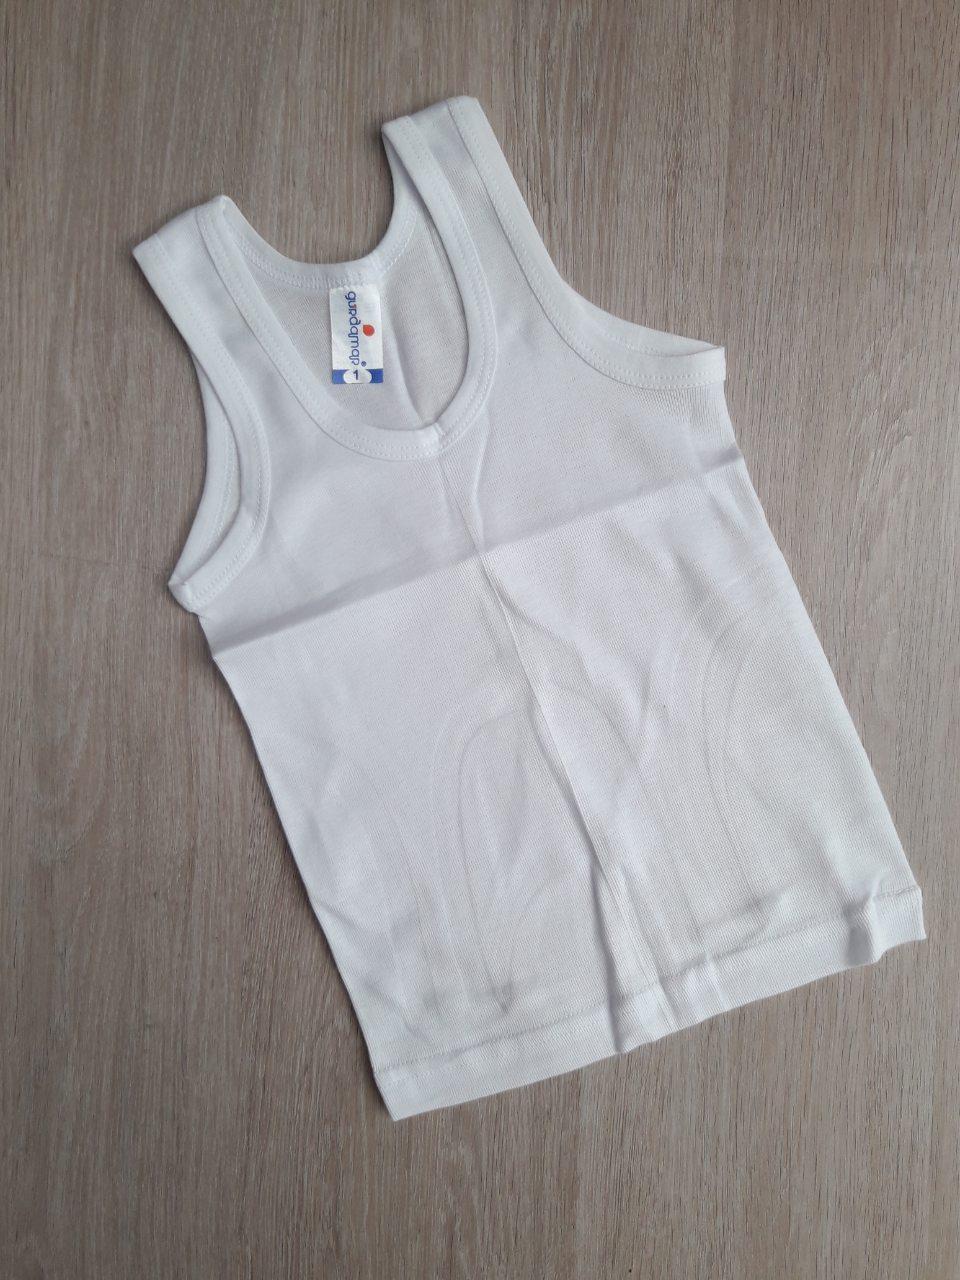 Детская майка  1-4 на мальчика, белая   09-1646